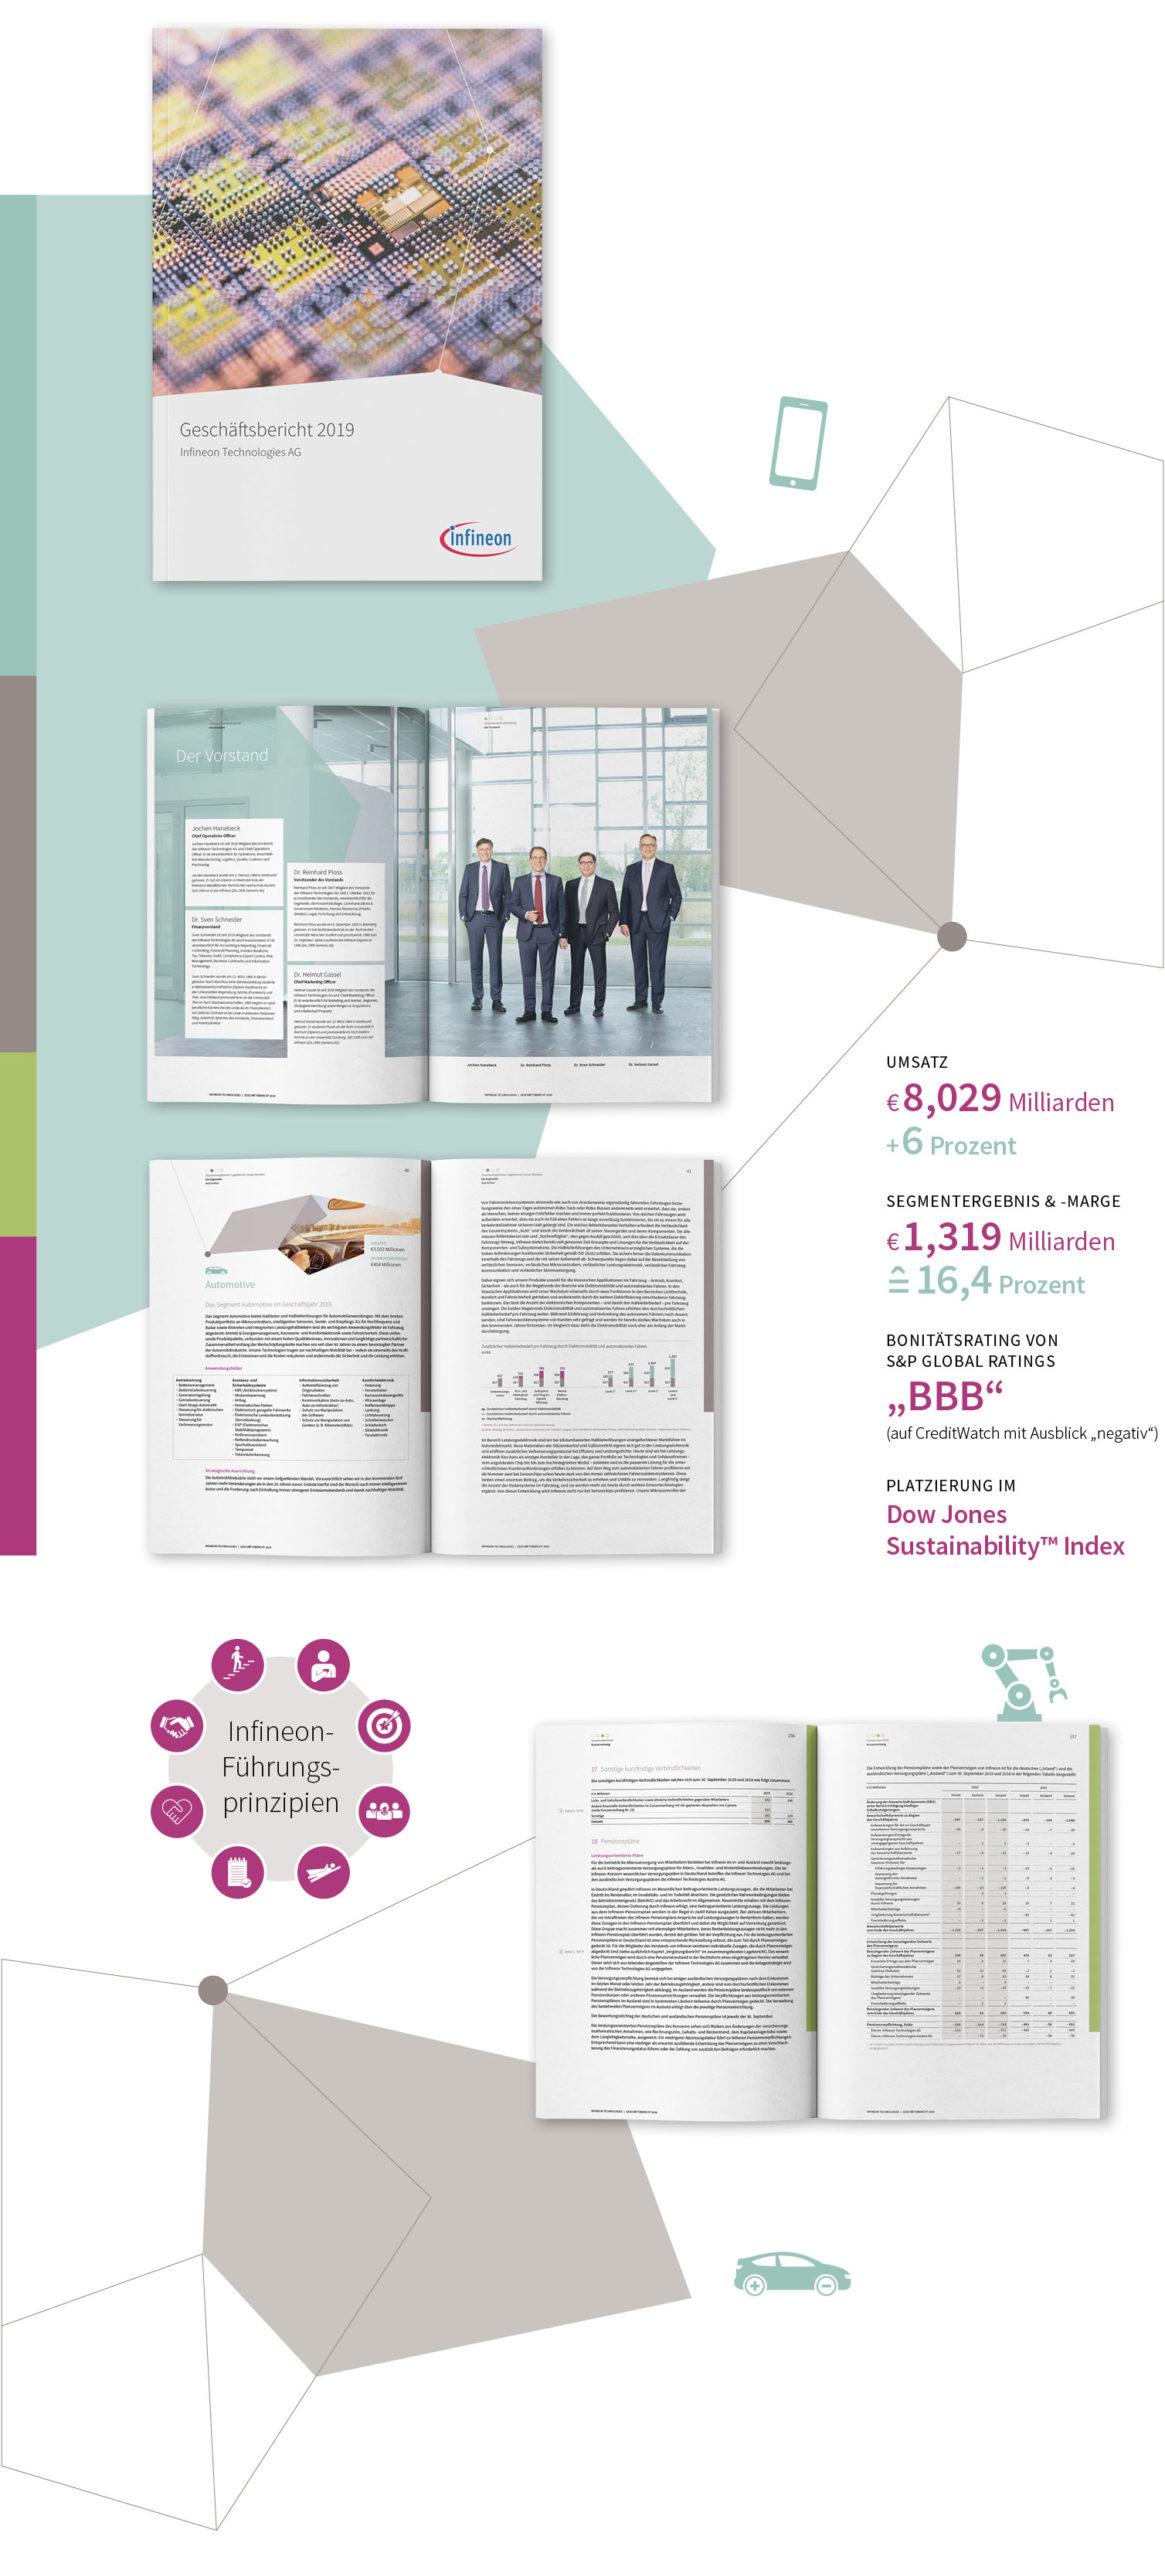 Infineon Geschäftsbericht 2019